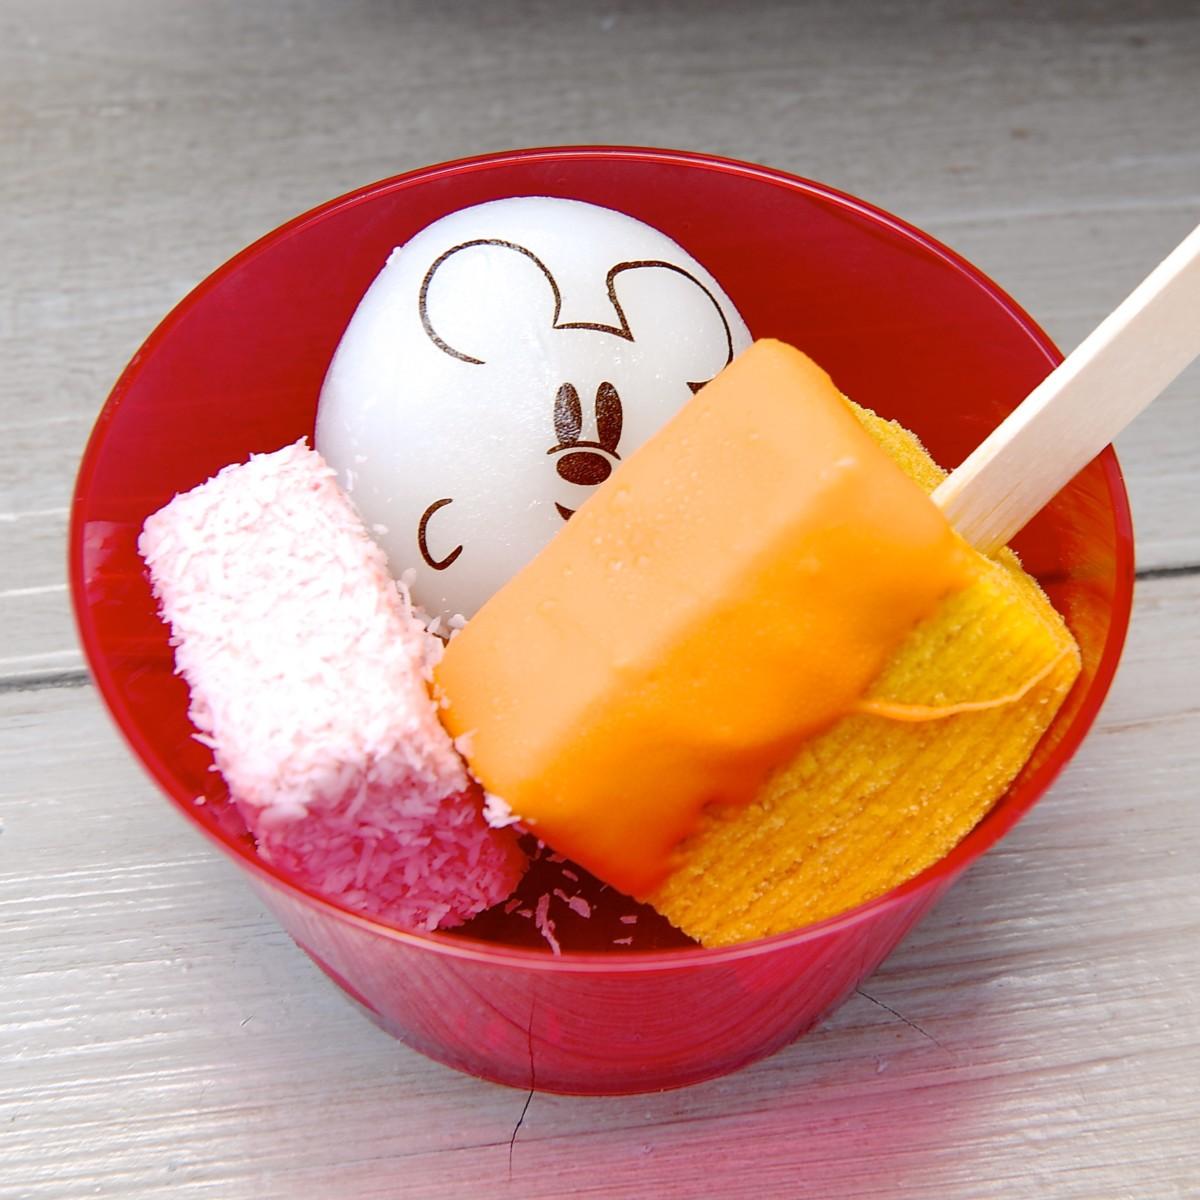 ミッキーおばけのクリームもちも!東京ディズニーリゾート